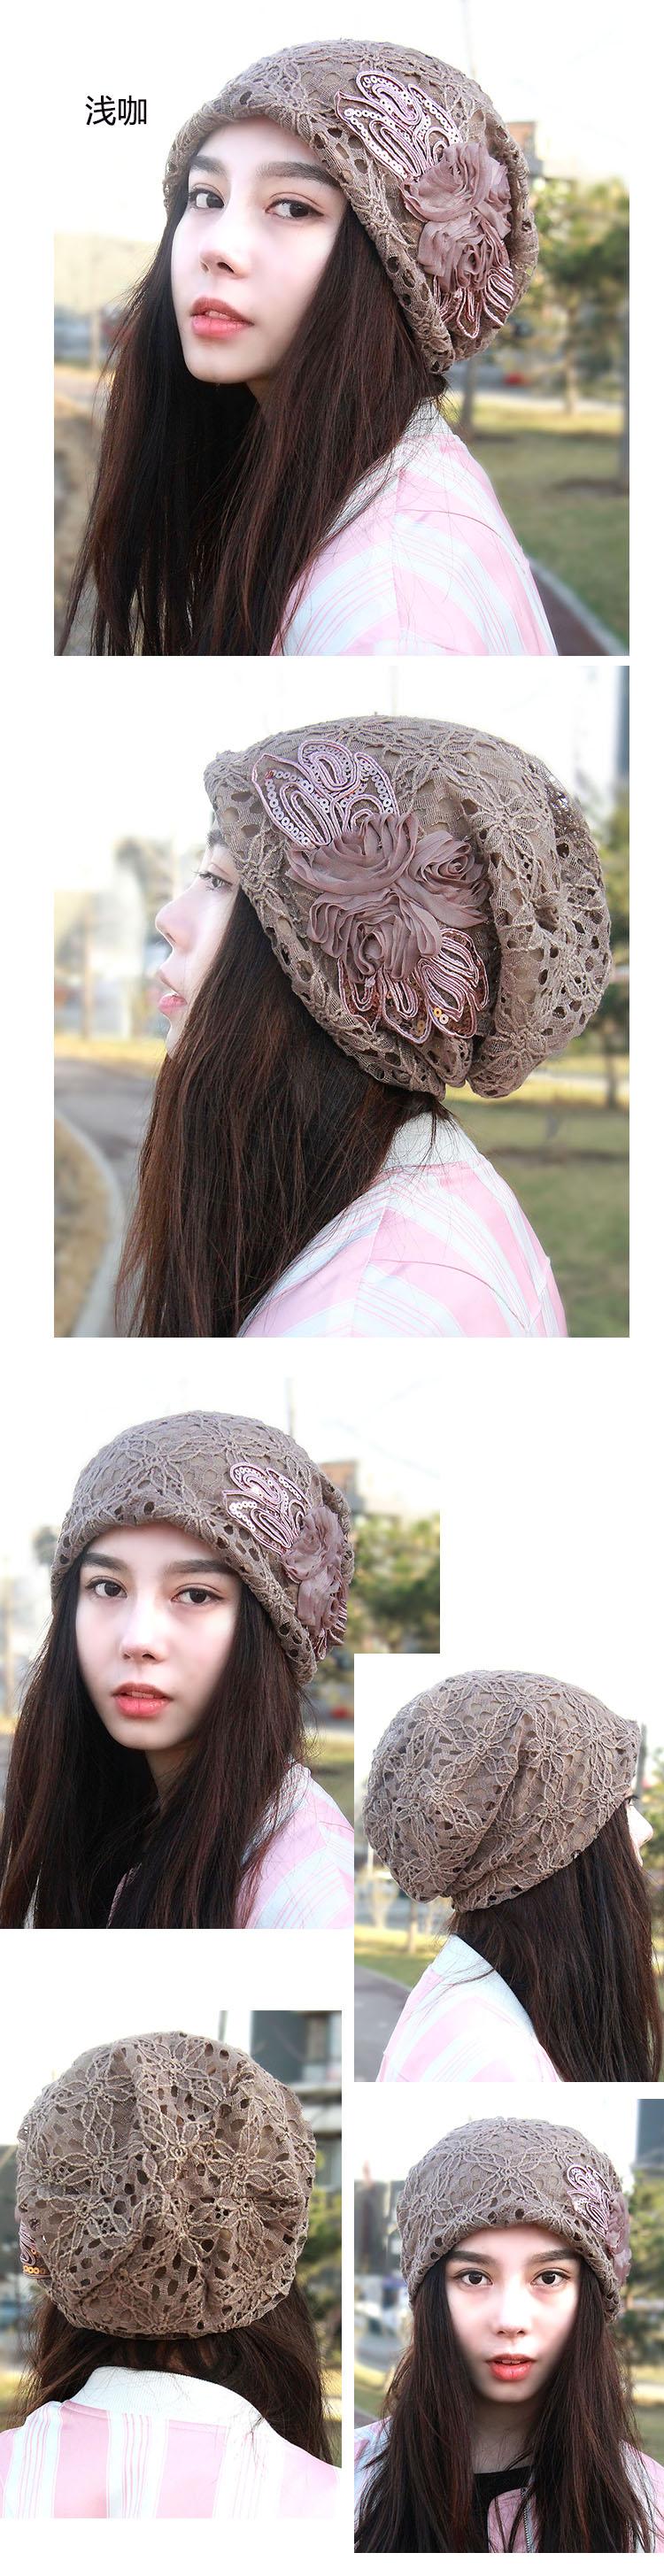 828新款帽子女春夏季包头帽 薄款孕妇帽头巾帽光头帽月子帽化疗帽堆堆